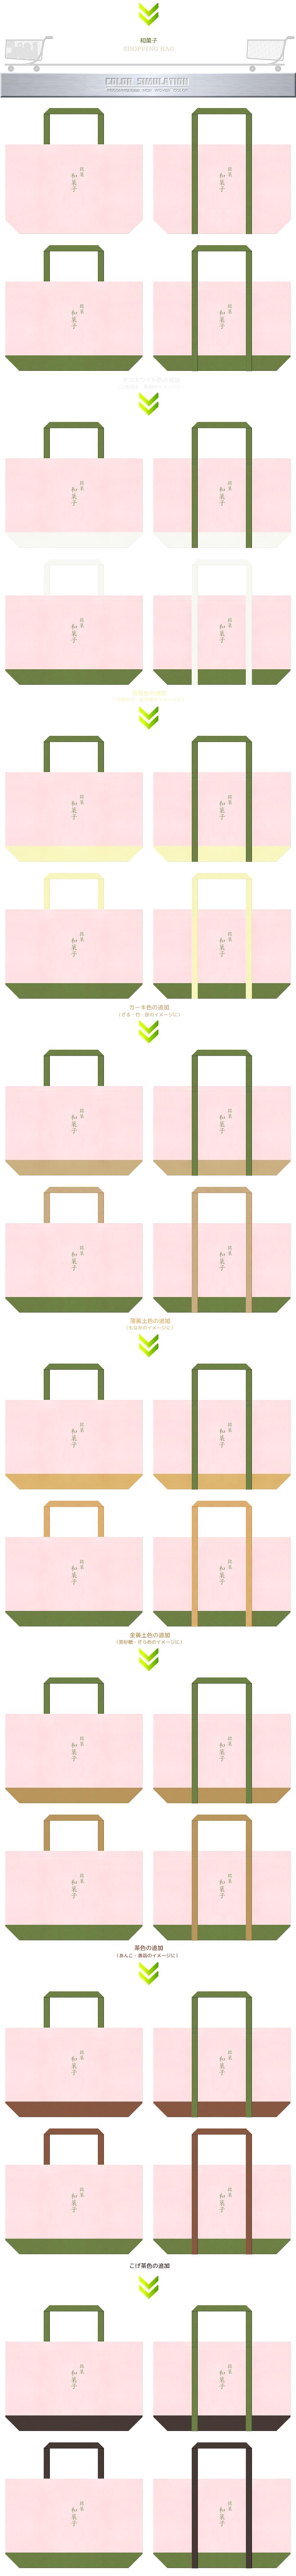 桜色と草色をメインに使用した不織布バッグのカラーシミュレーション:和菓子のショッピングバッグ